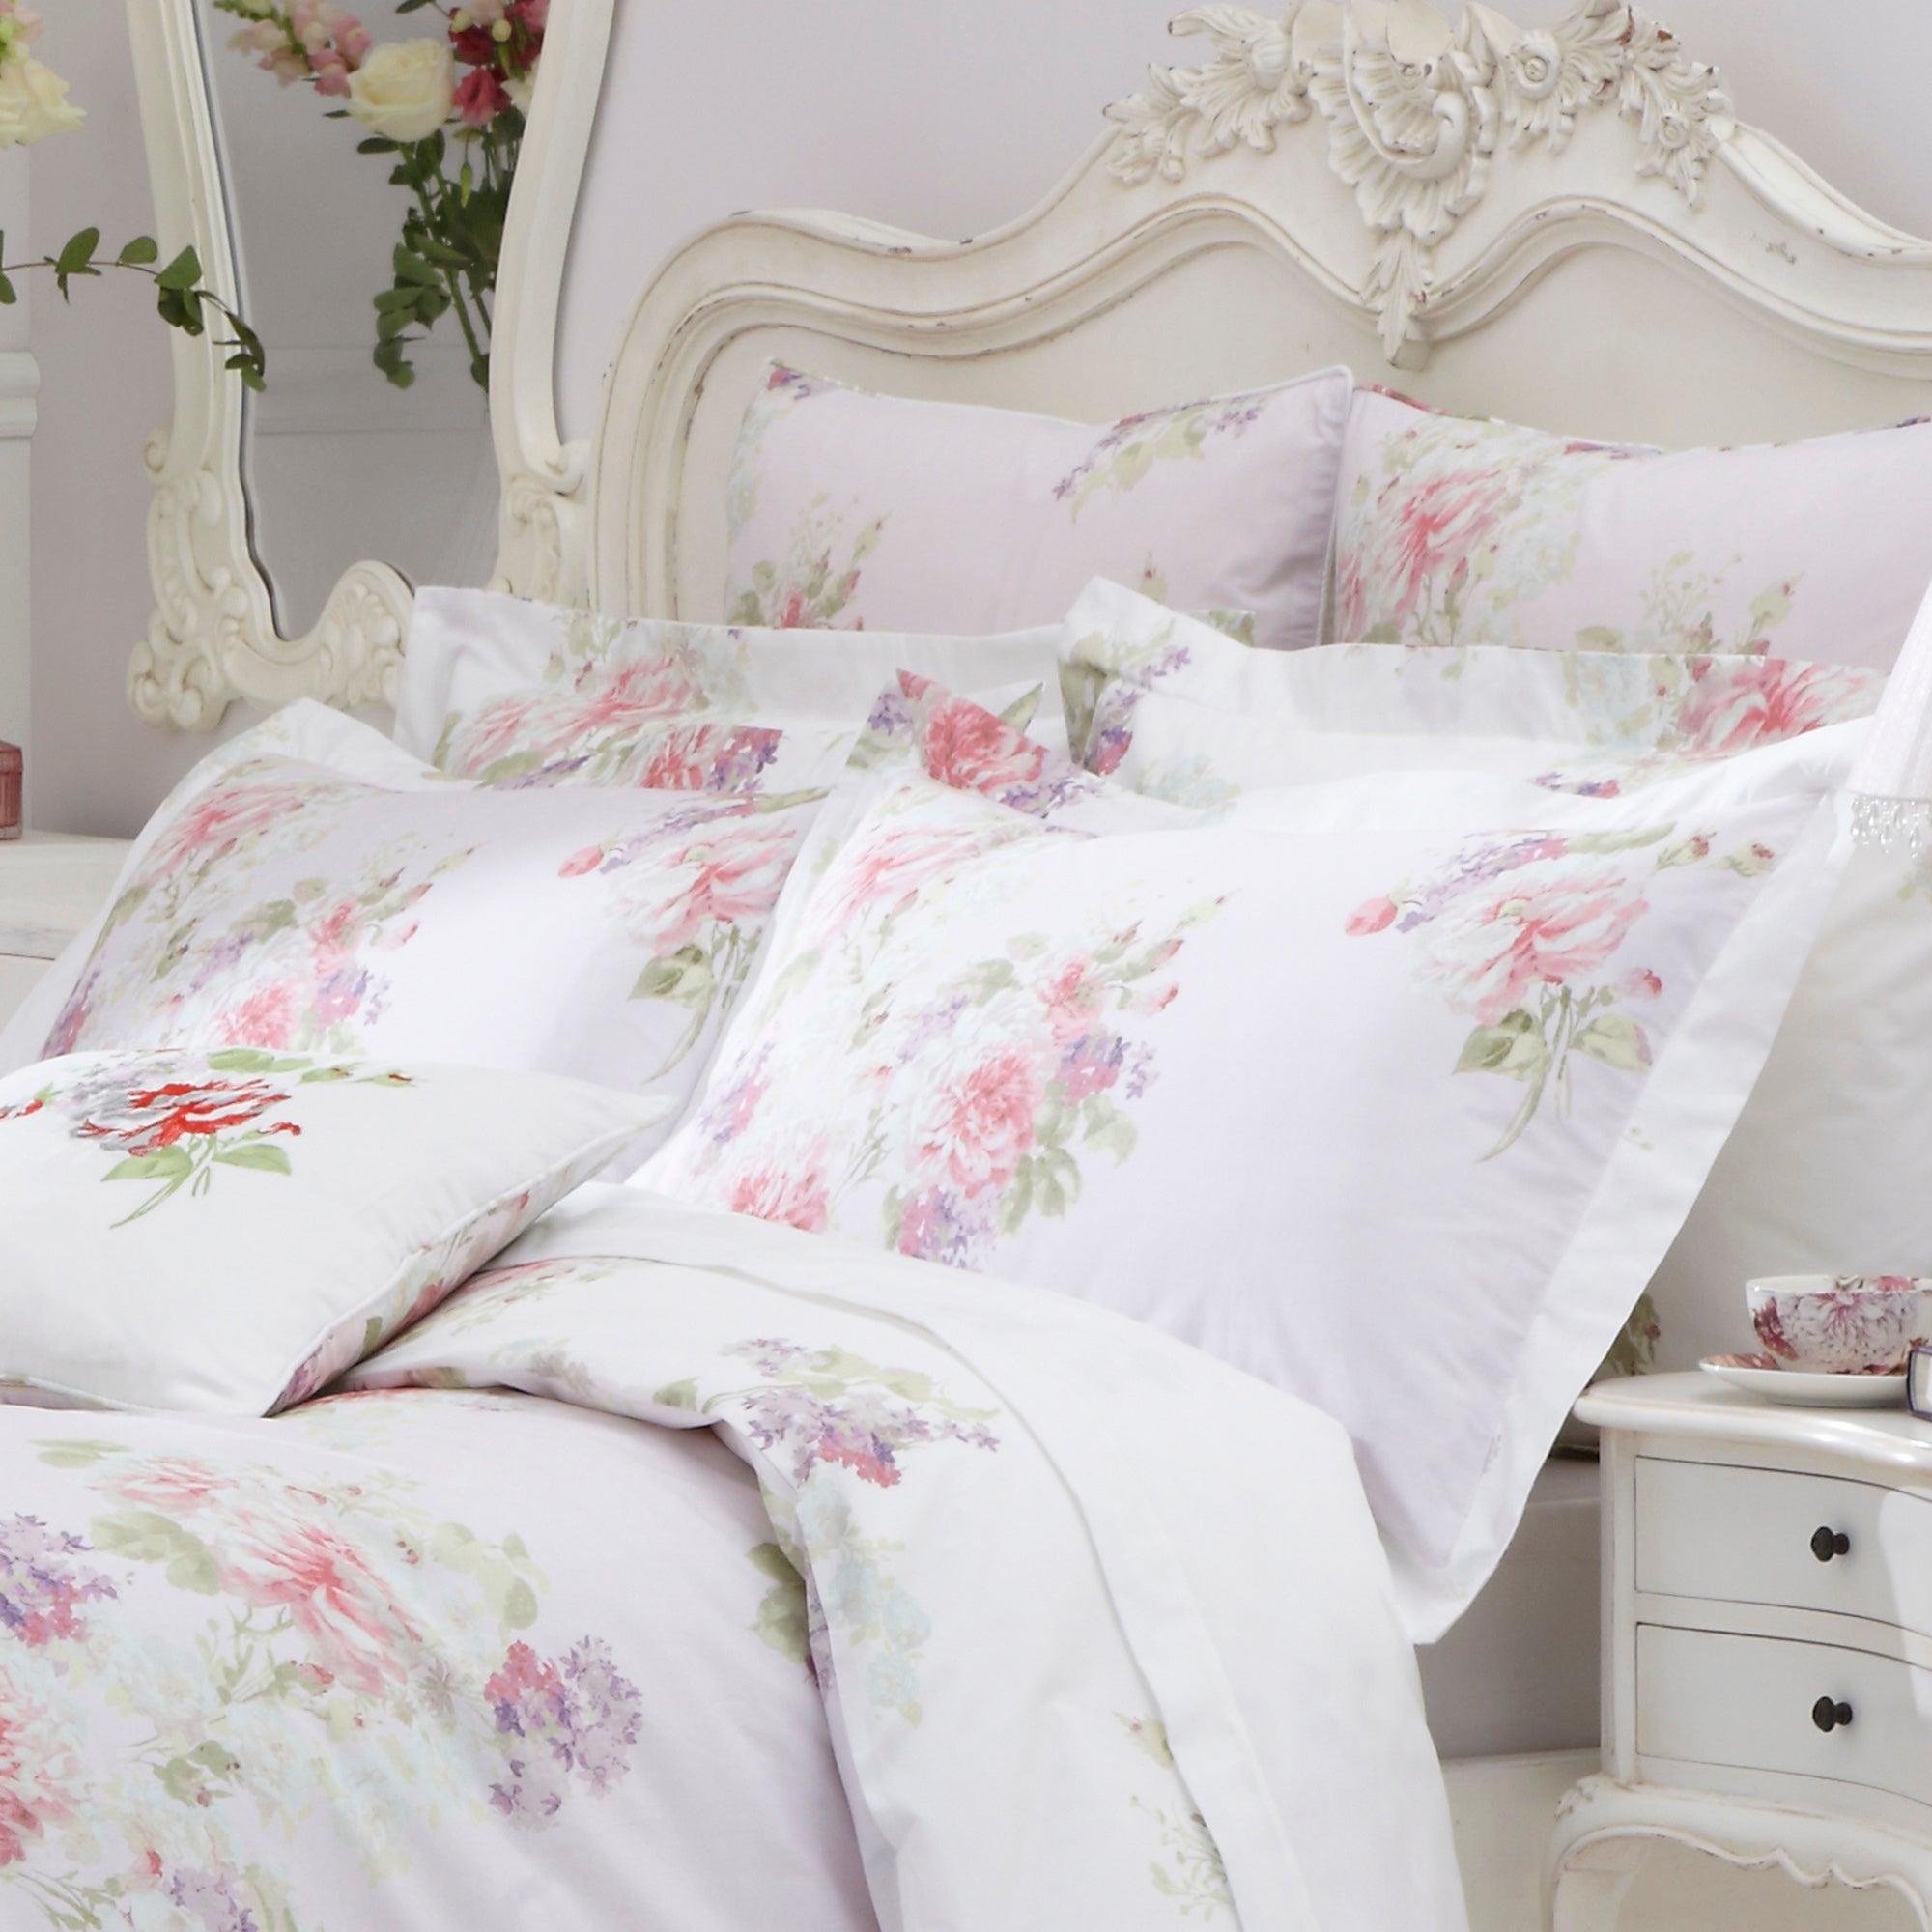 Dorma Country Garden Charlbury Collection Continental Pillowcase